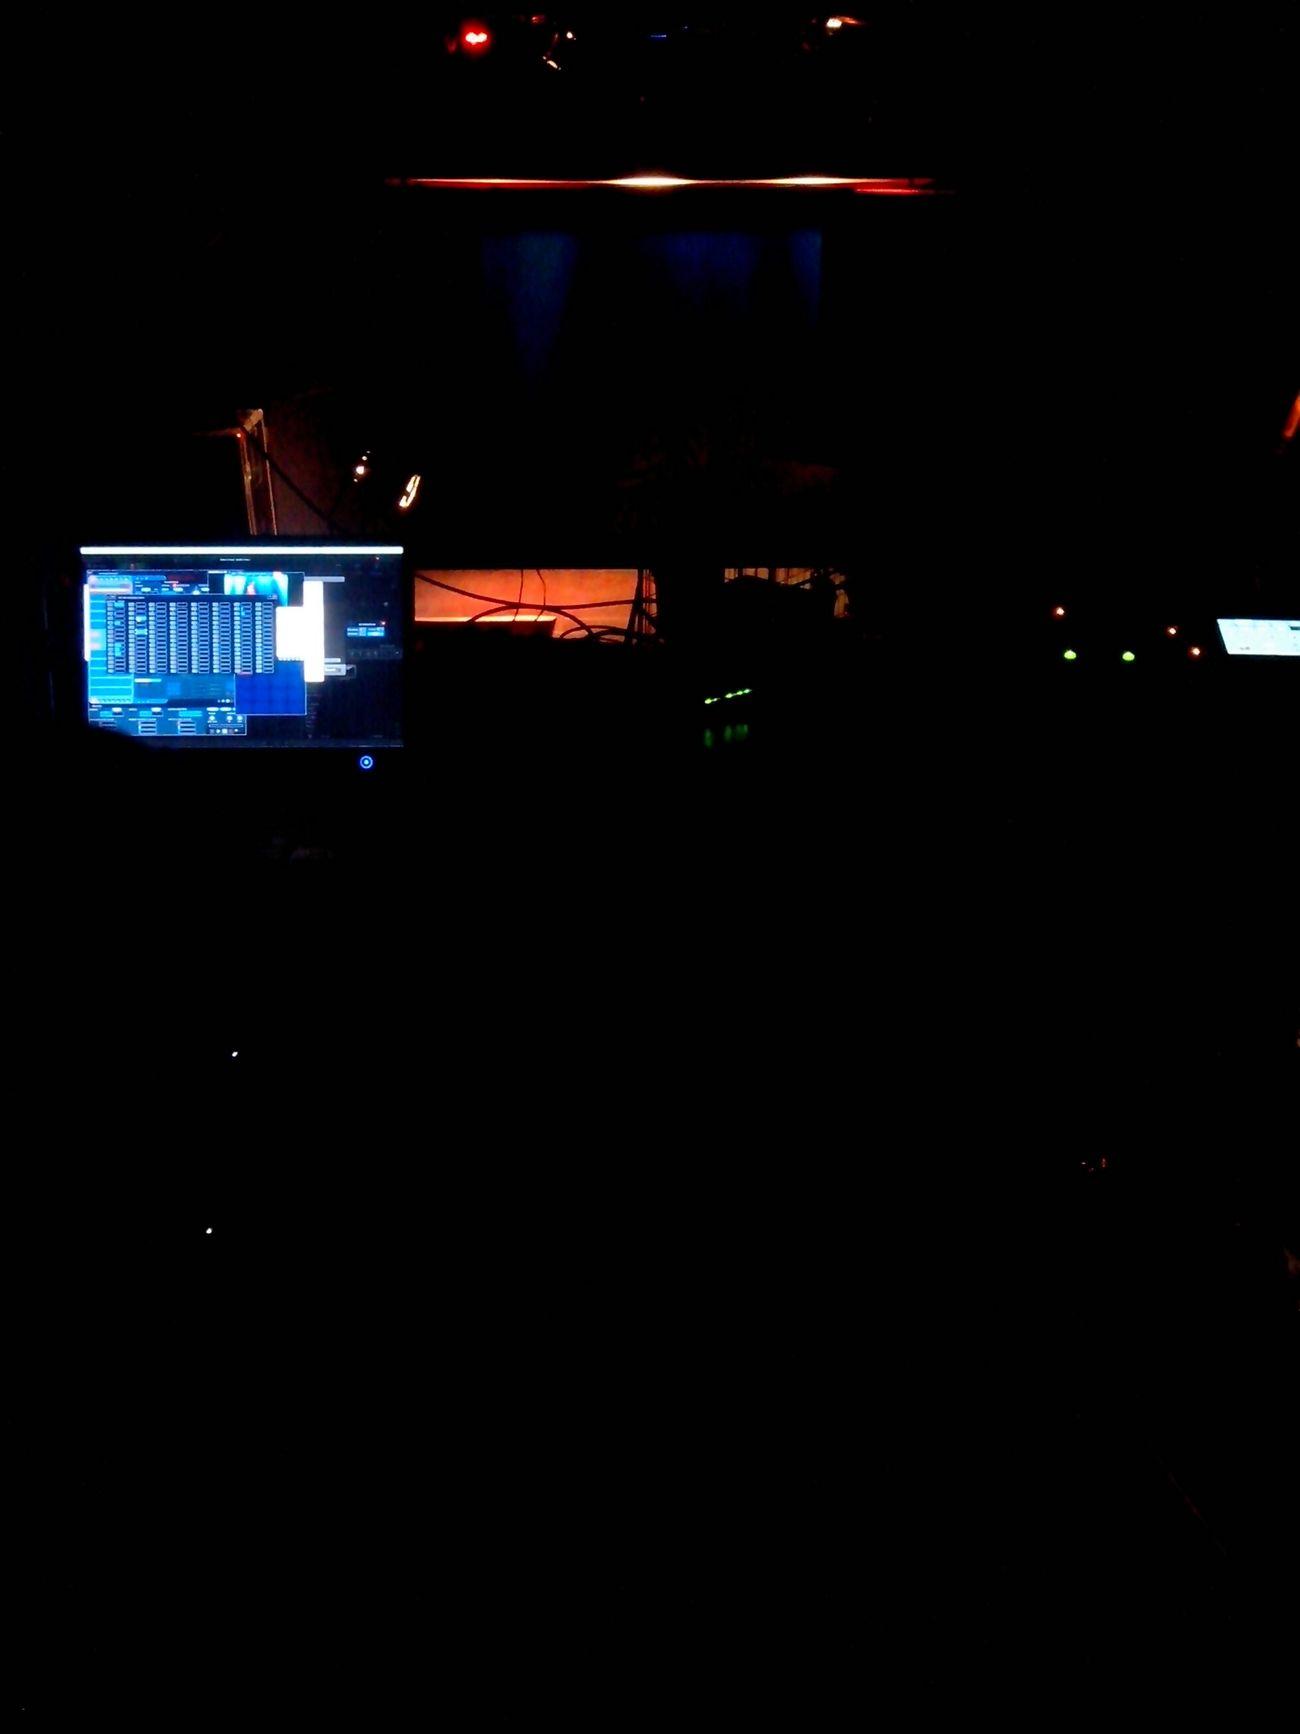 Samedi soir 20h #Théâtre @GareXP - Vinguerka